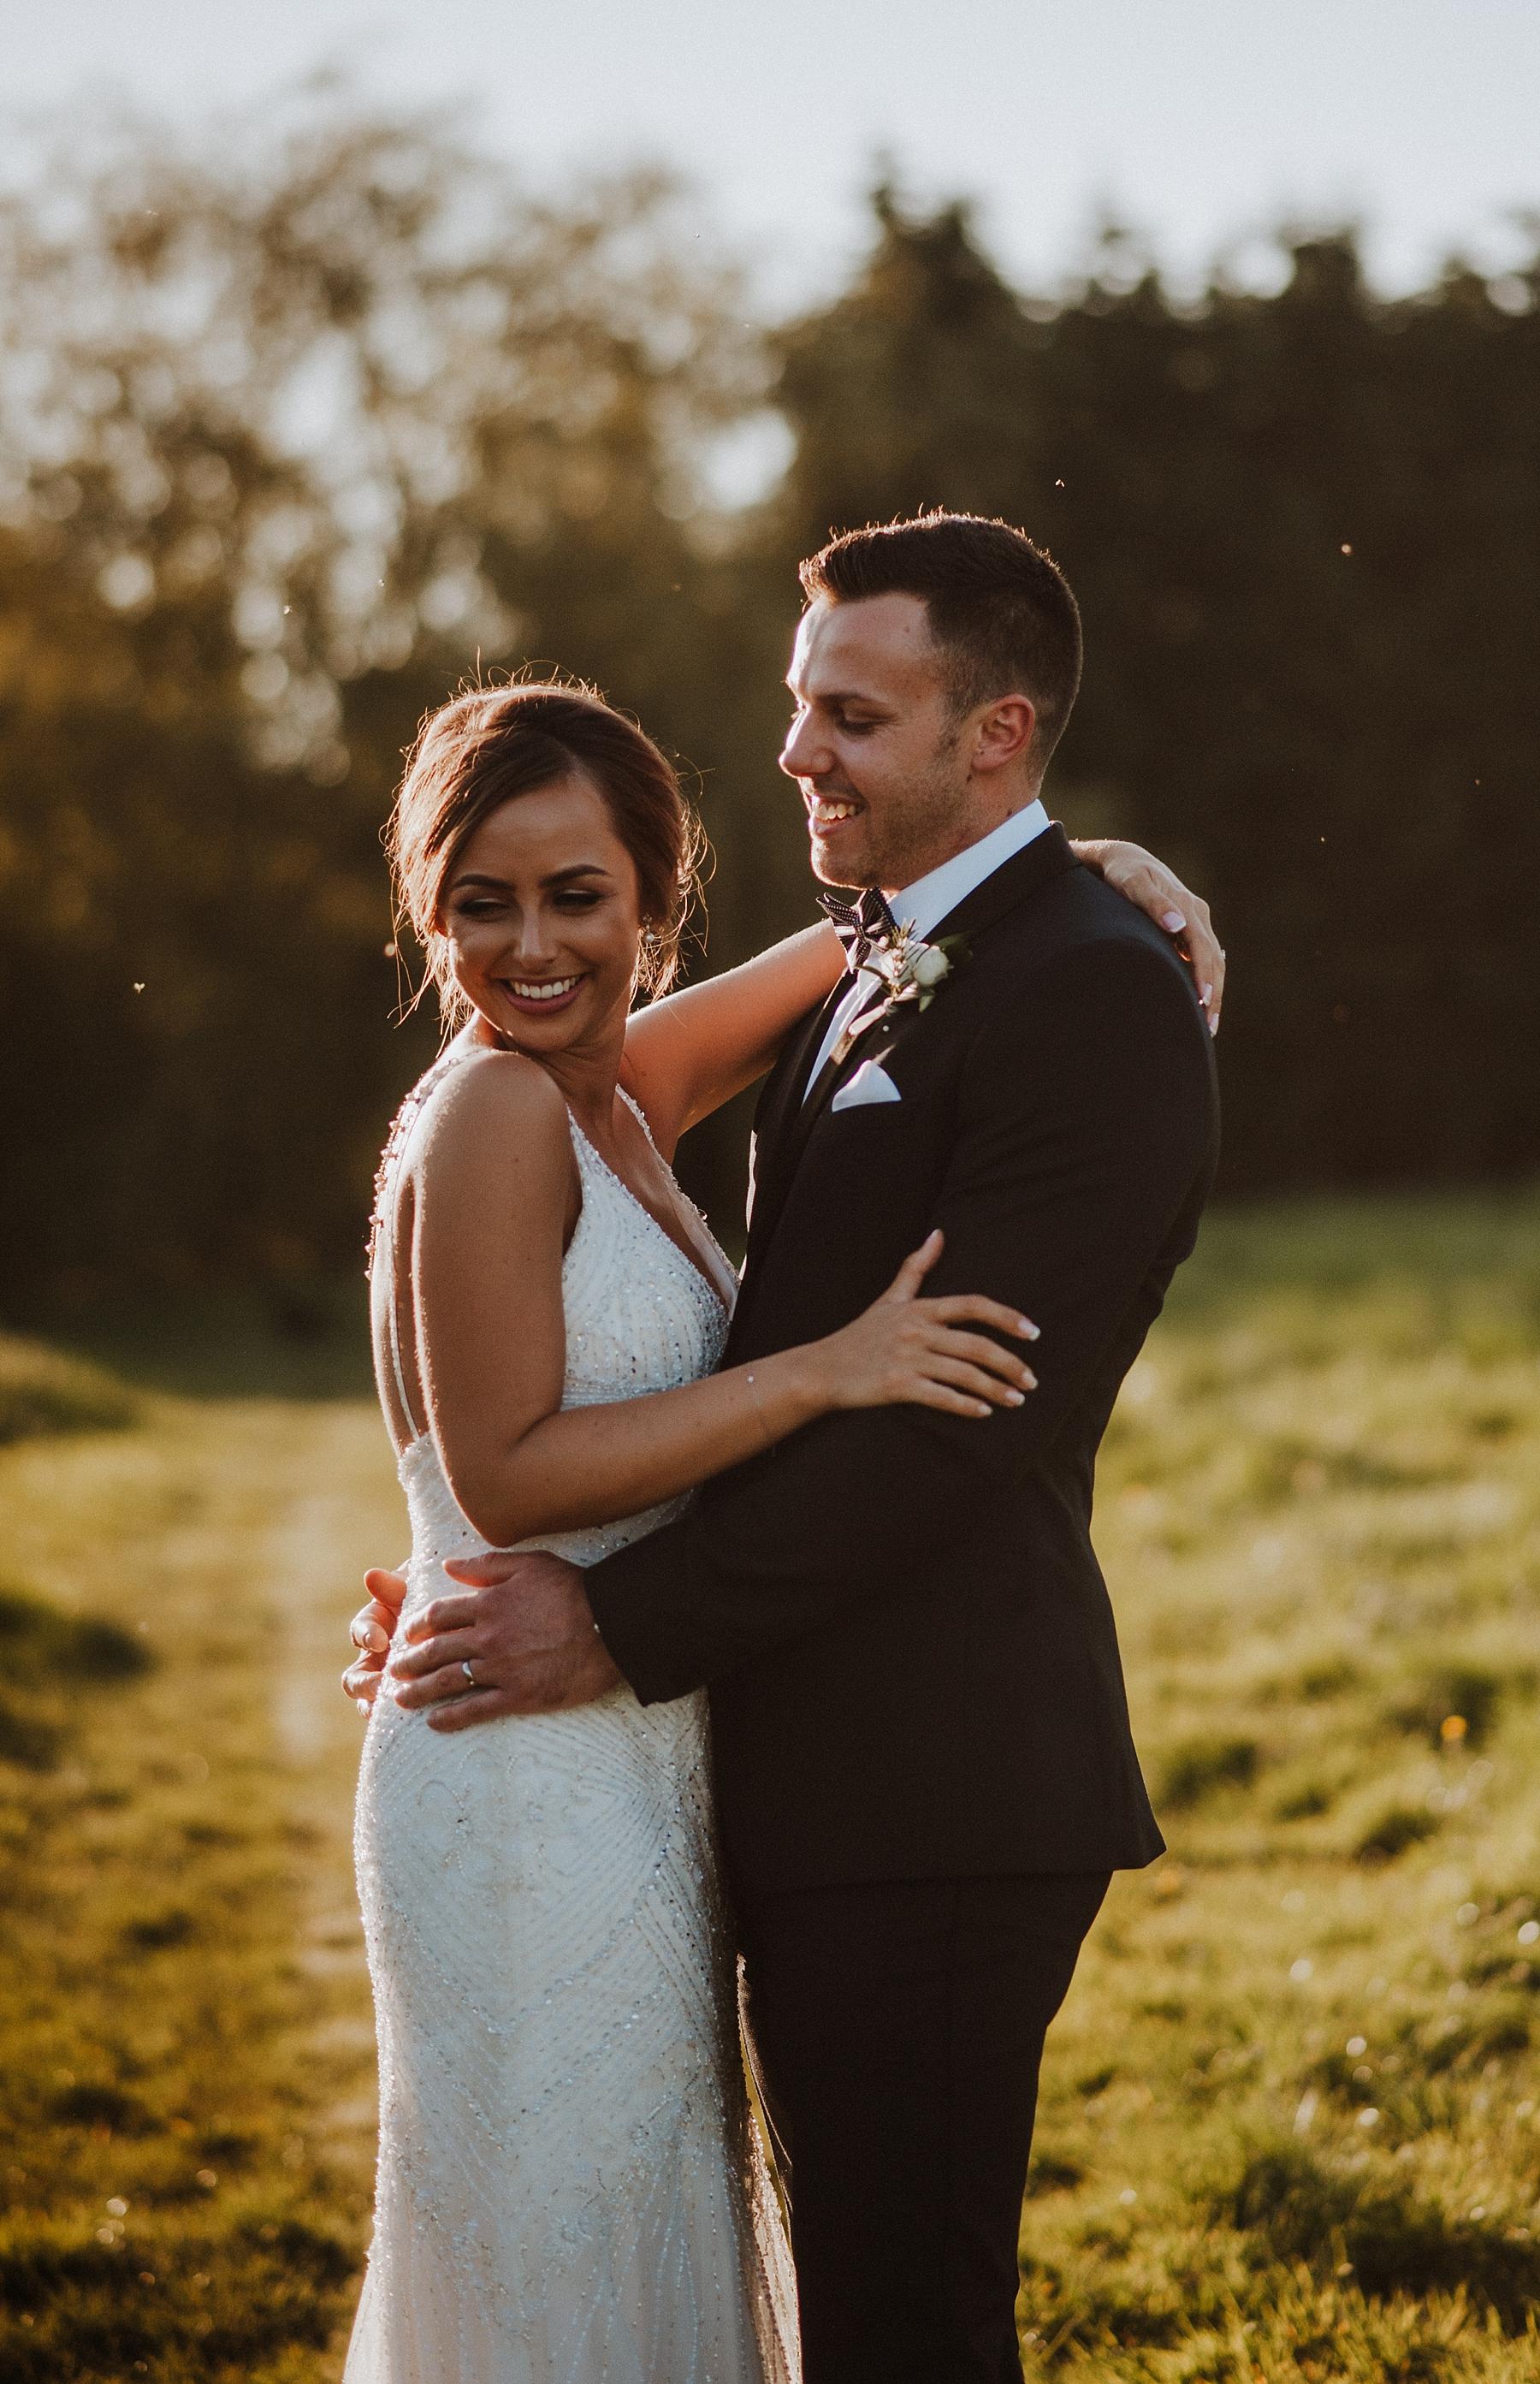 wedding photos at elvey farm kent